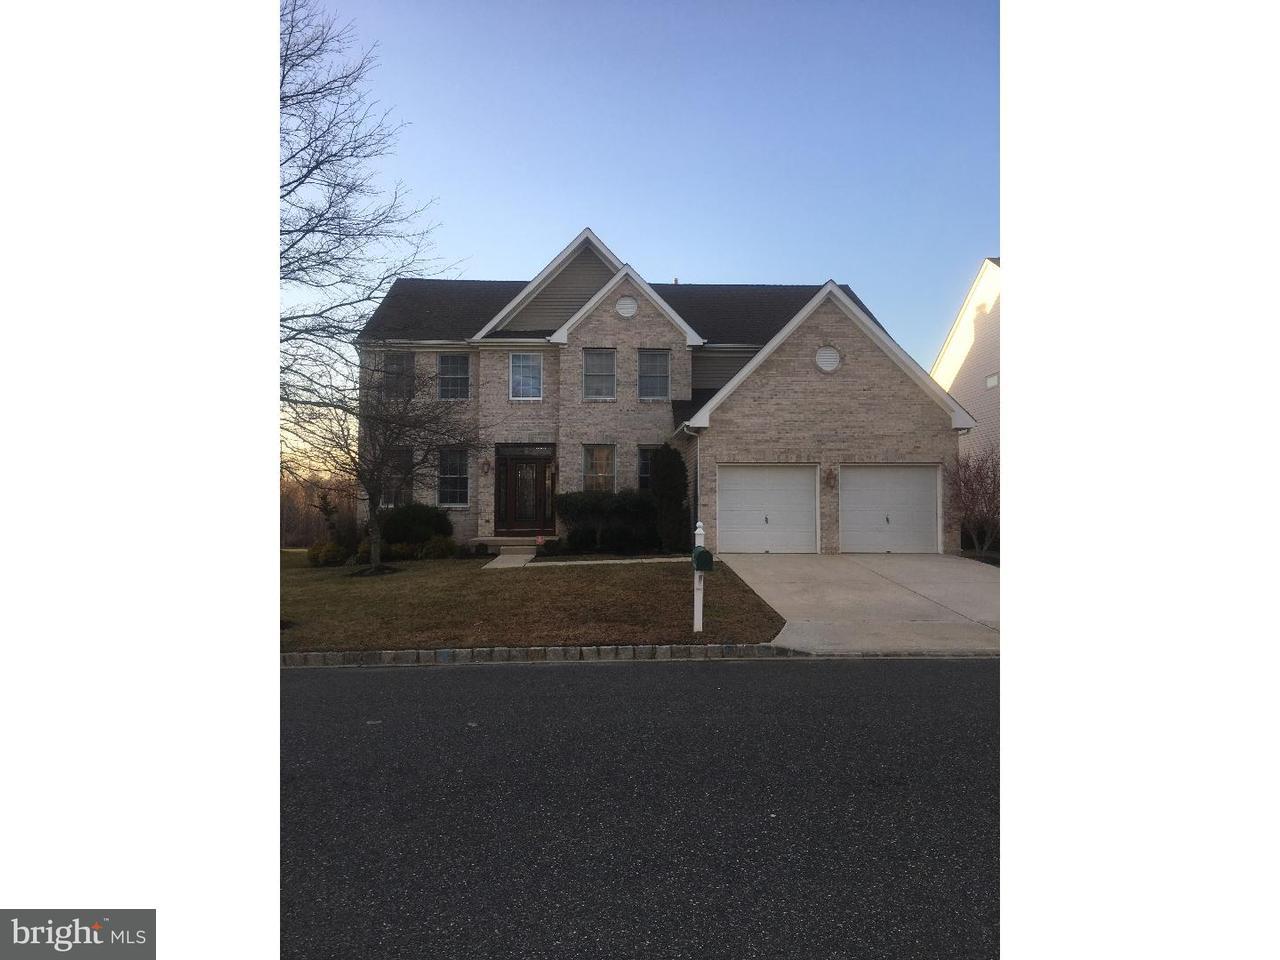 Частный односемейный дом для того Продажа на 406 W COUNTRY CLUB Drive Westampton, Нью-Джерси 08060 Соединенные Штаты